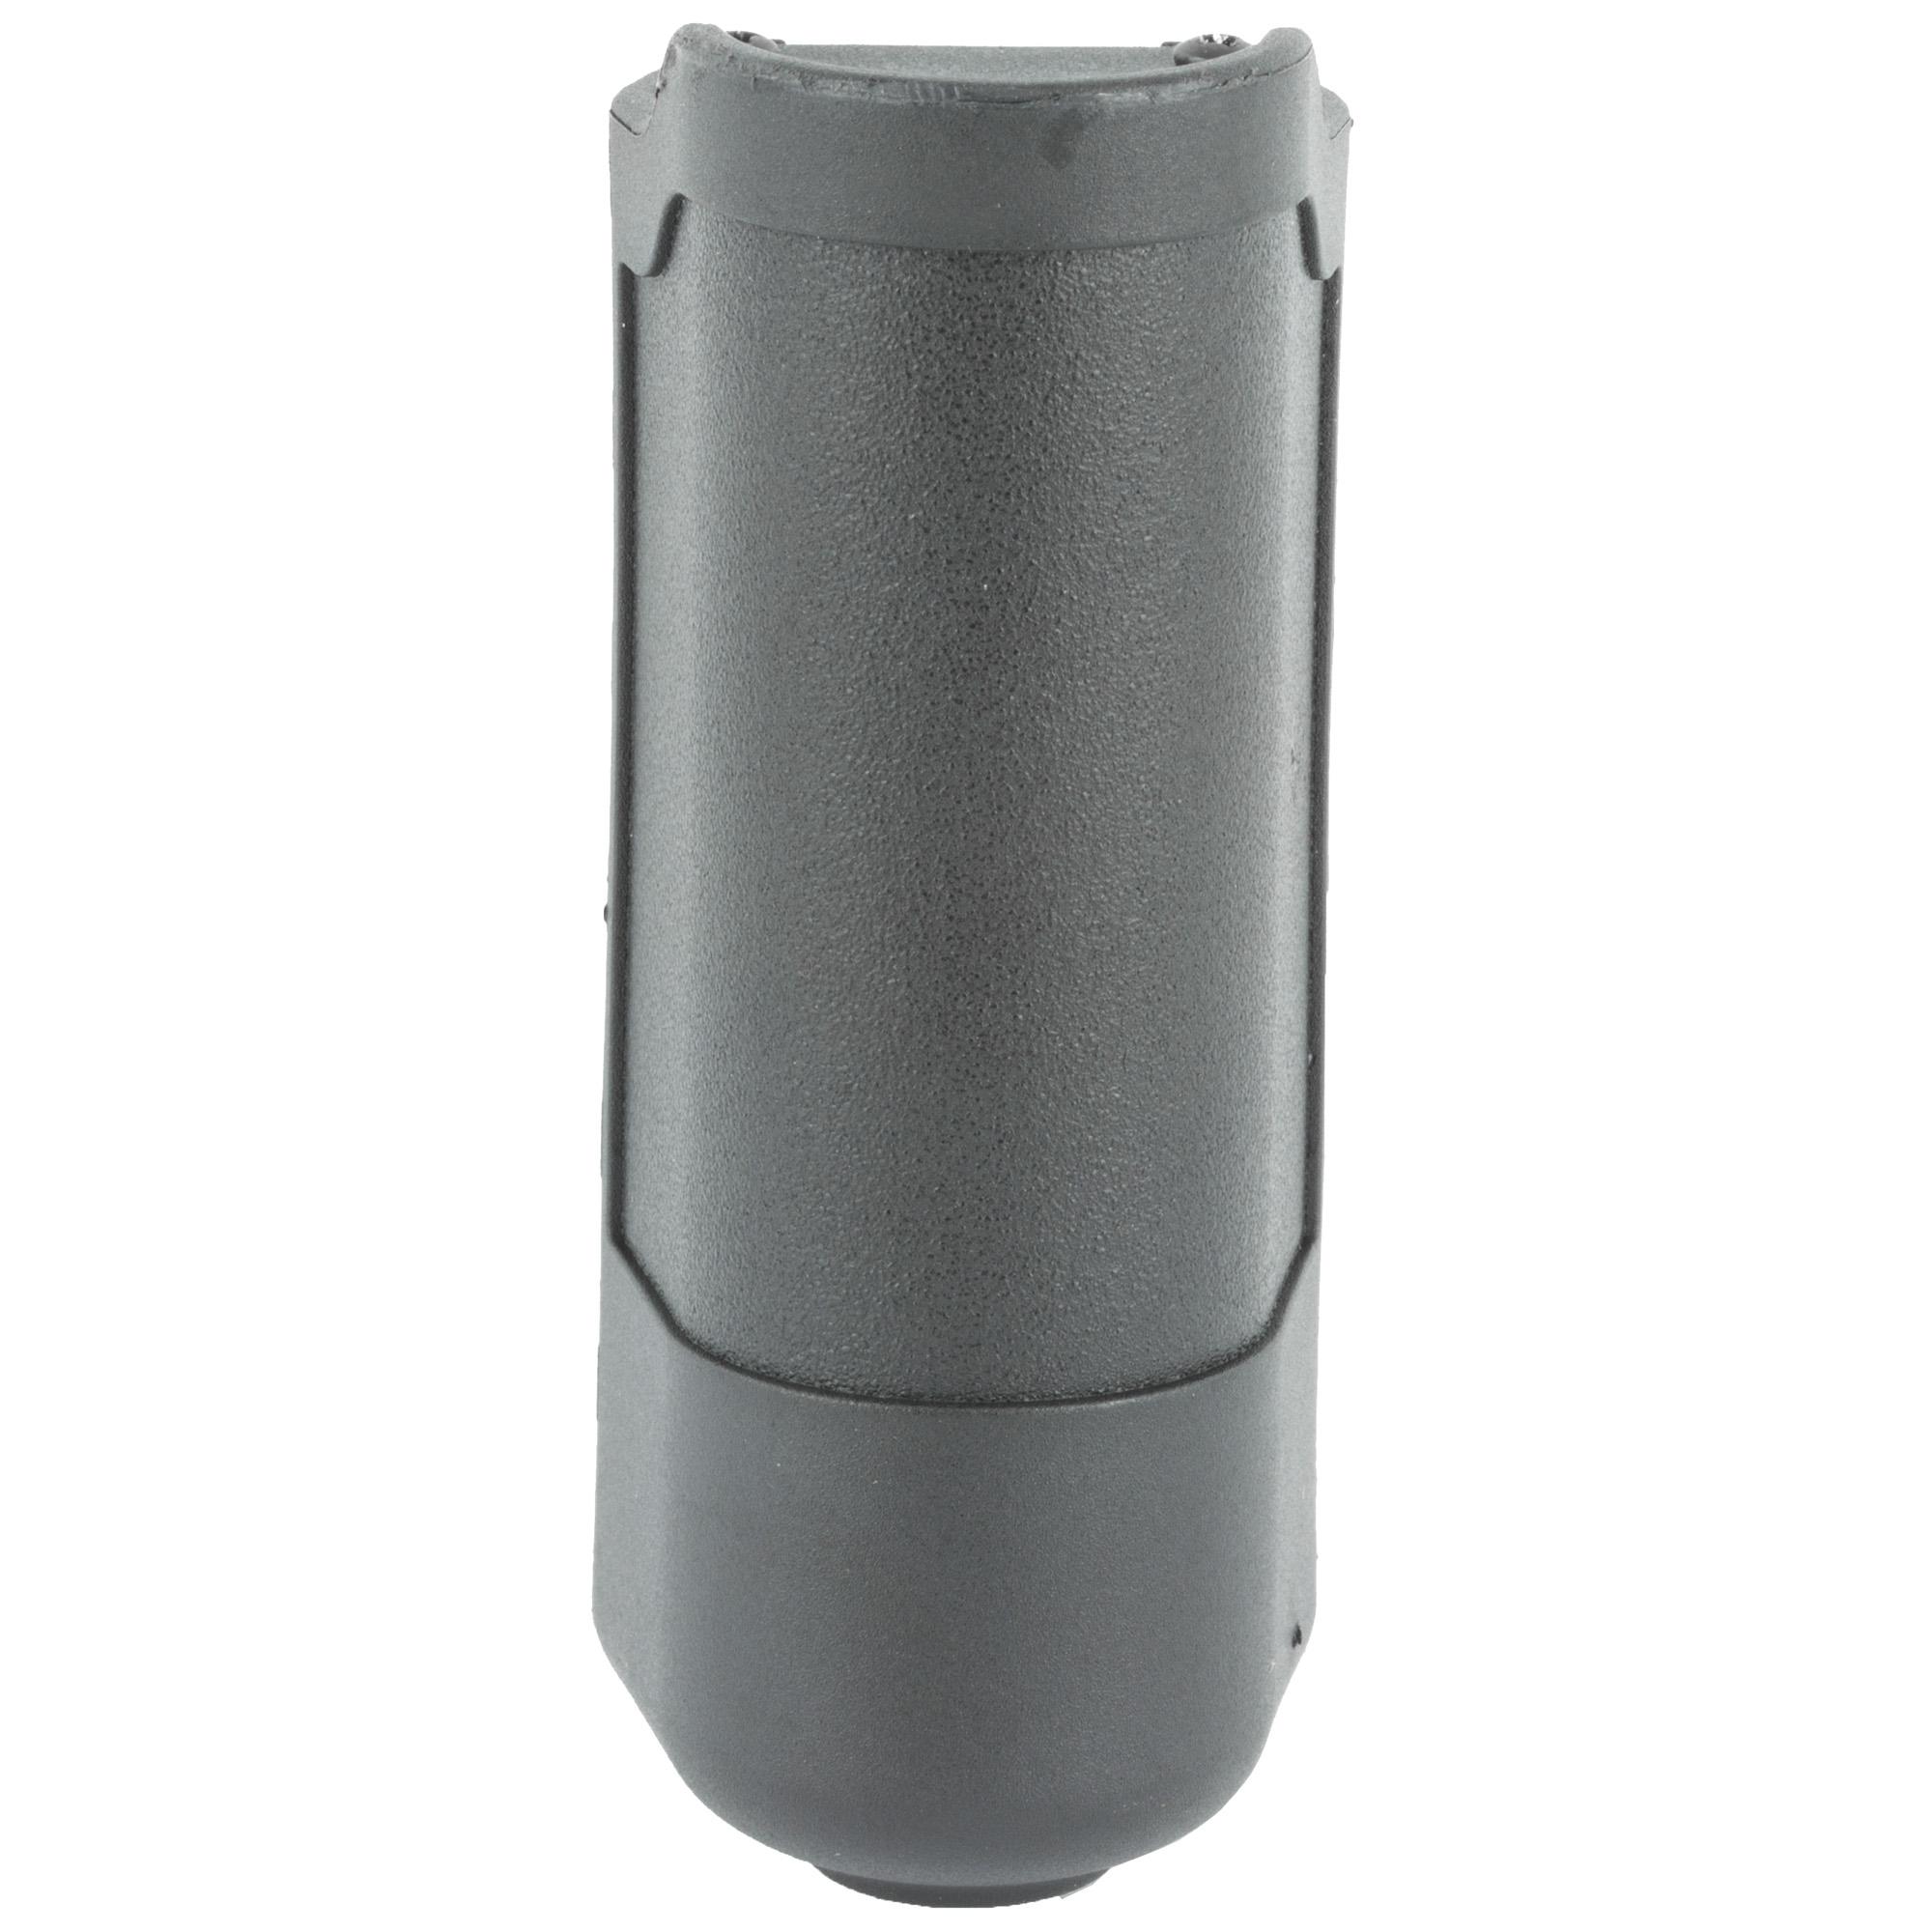 Bh Compact Lightcarrier Mblk